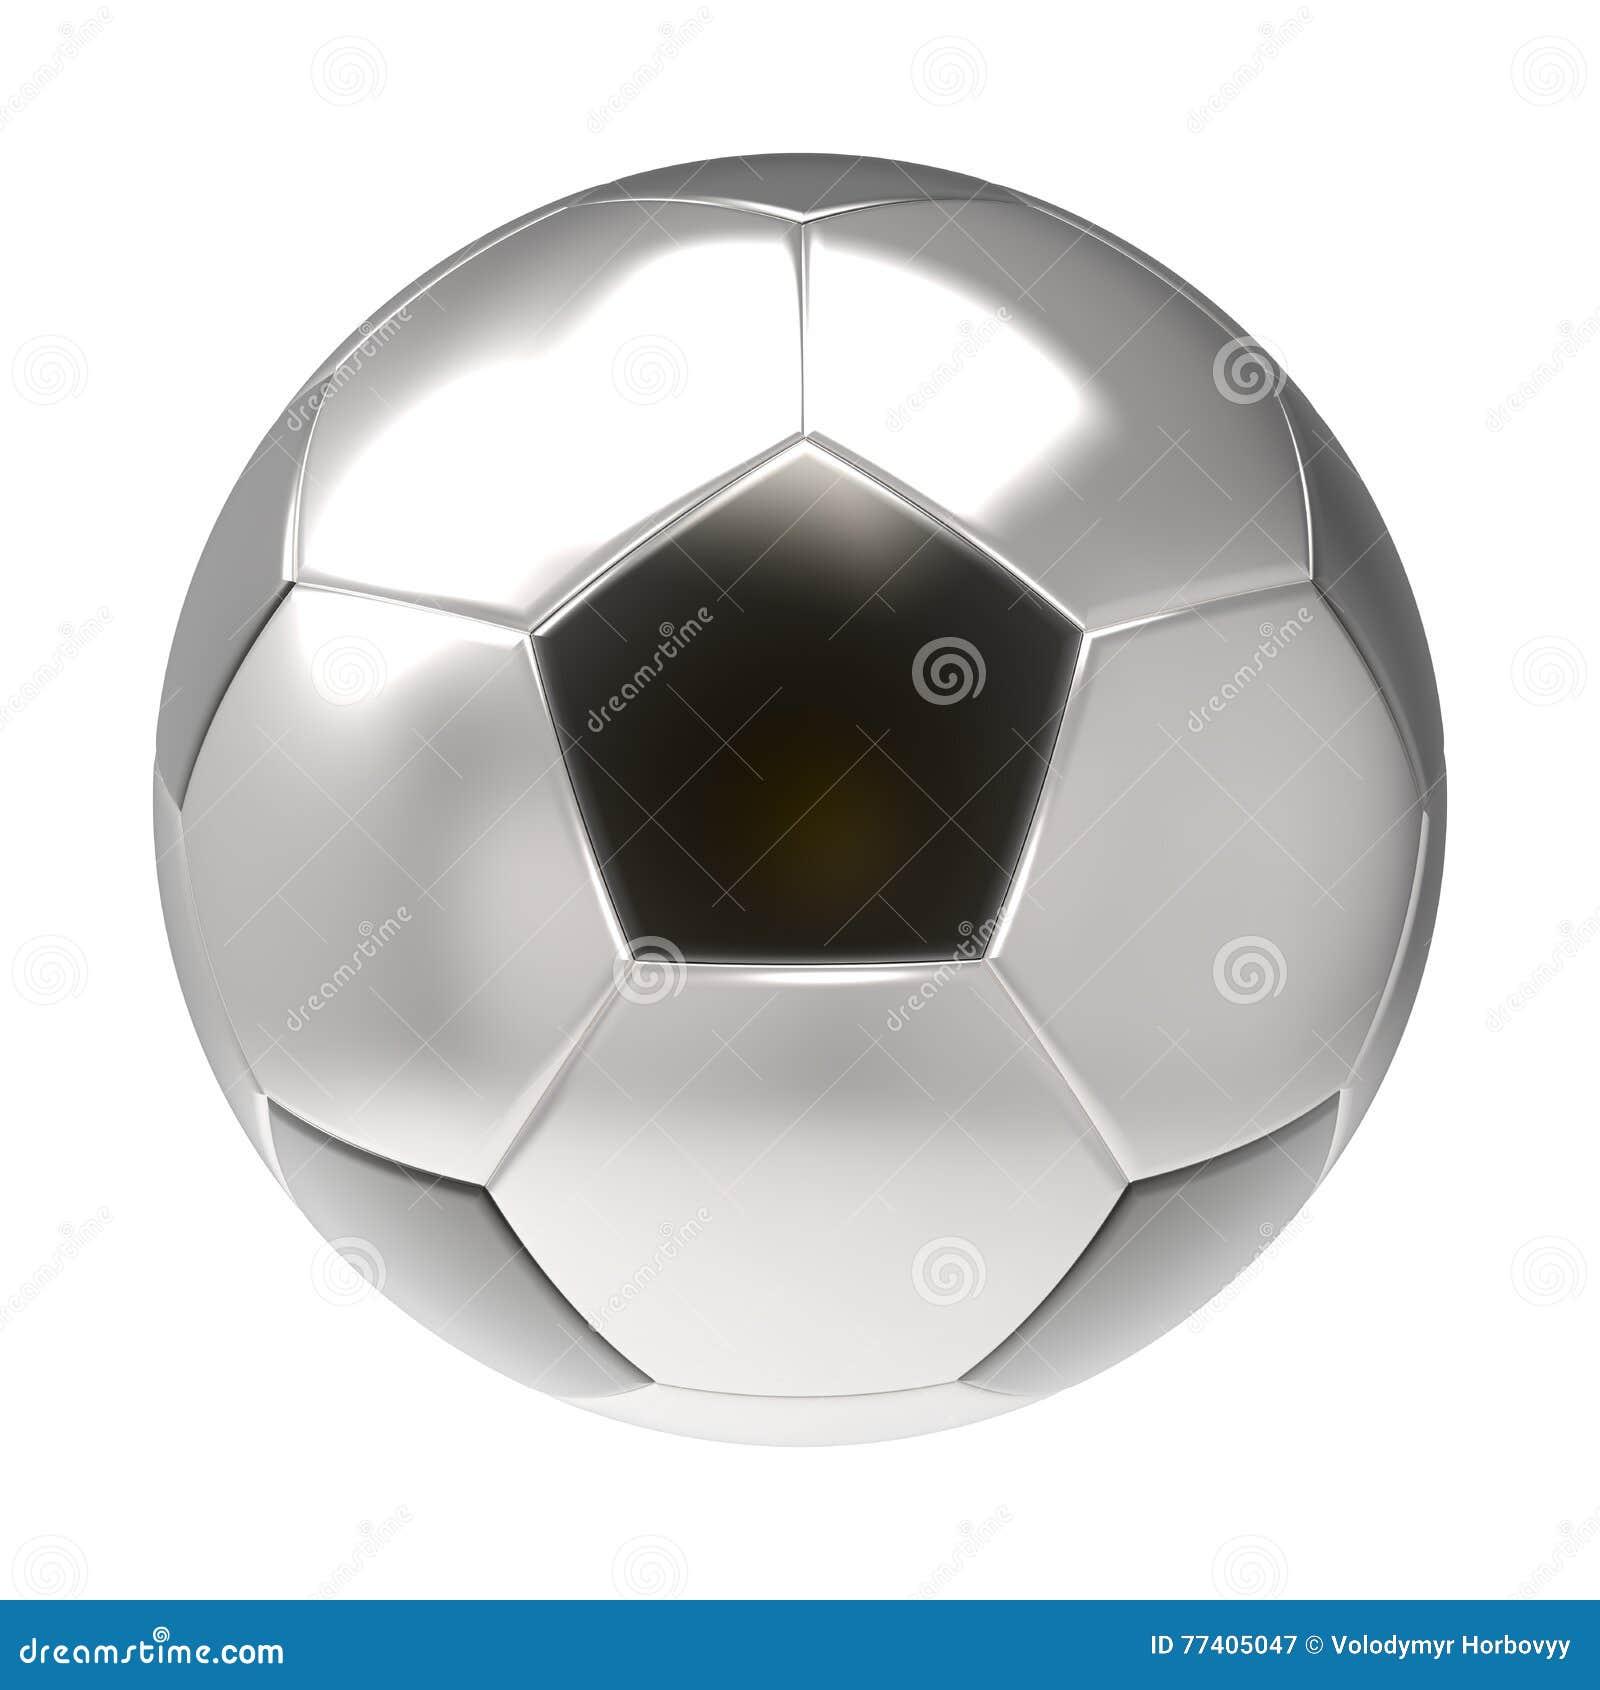 Silver Soccer ball 3D render